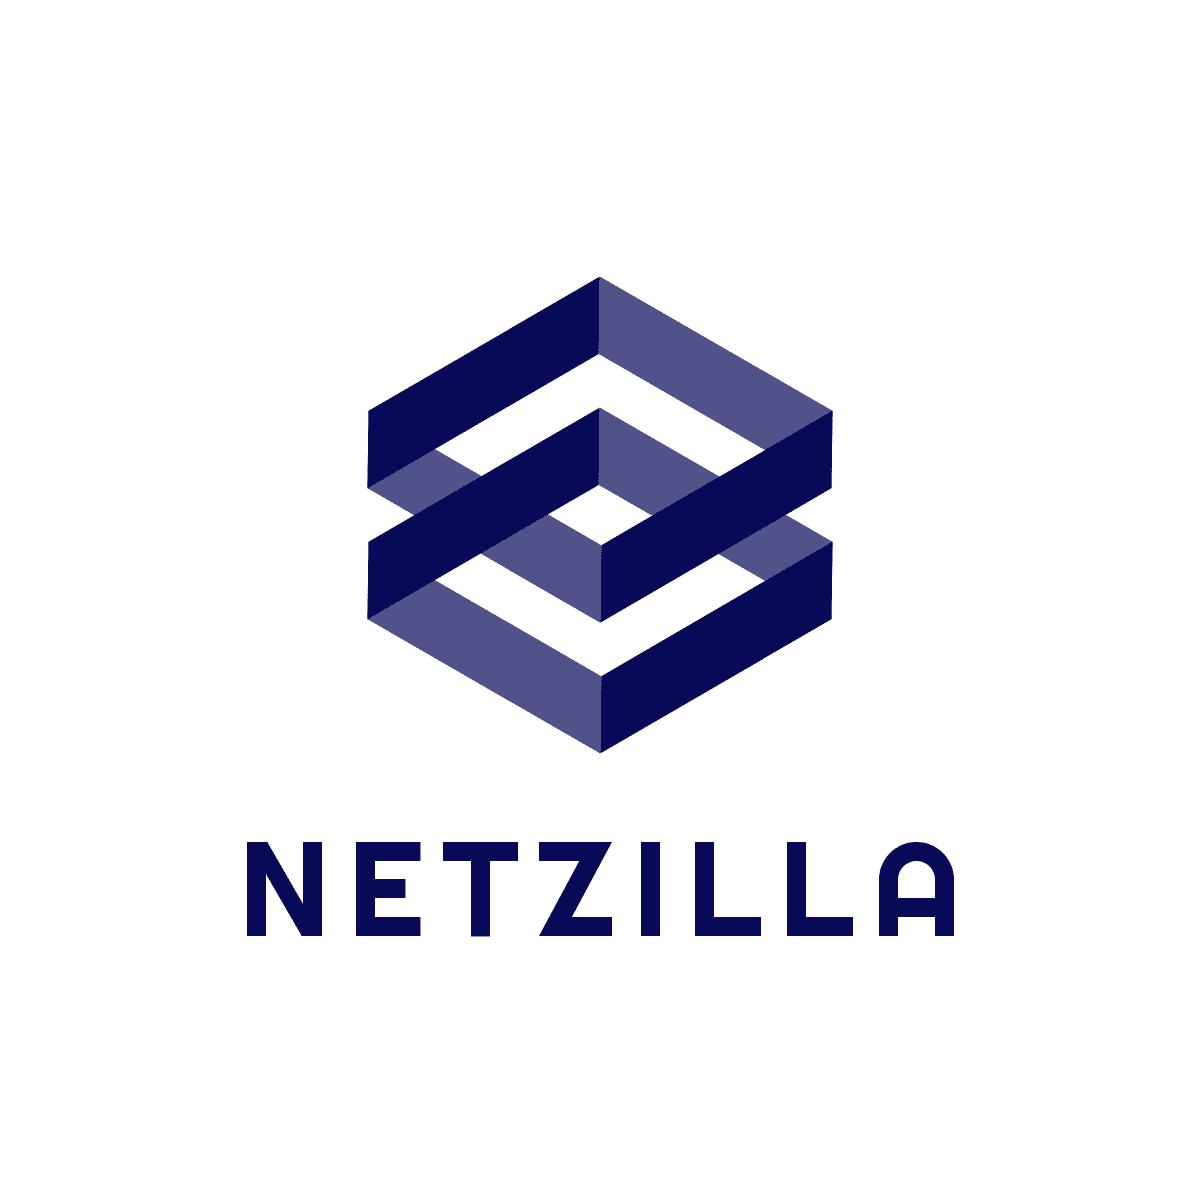 NETZILLA IPTV